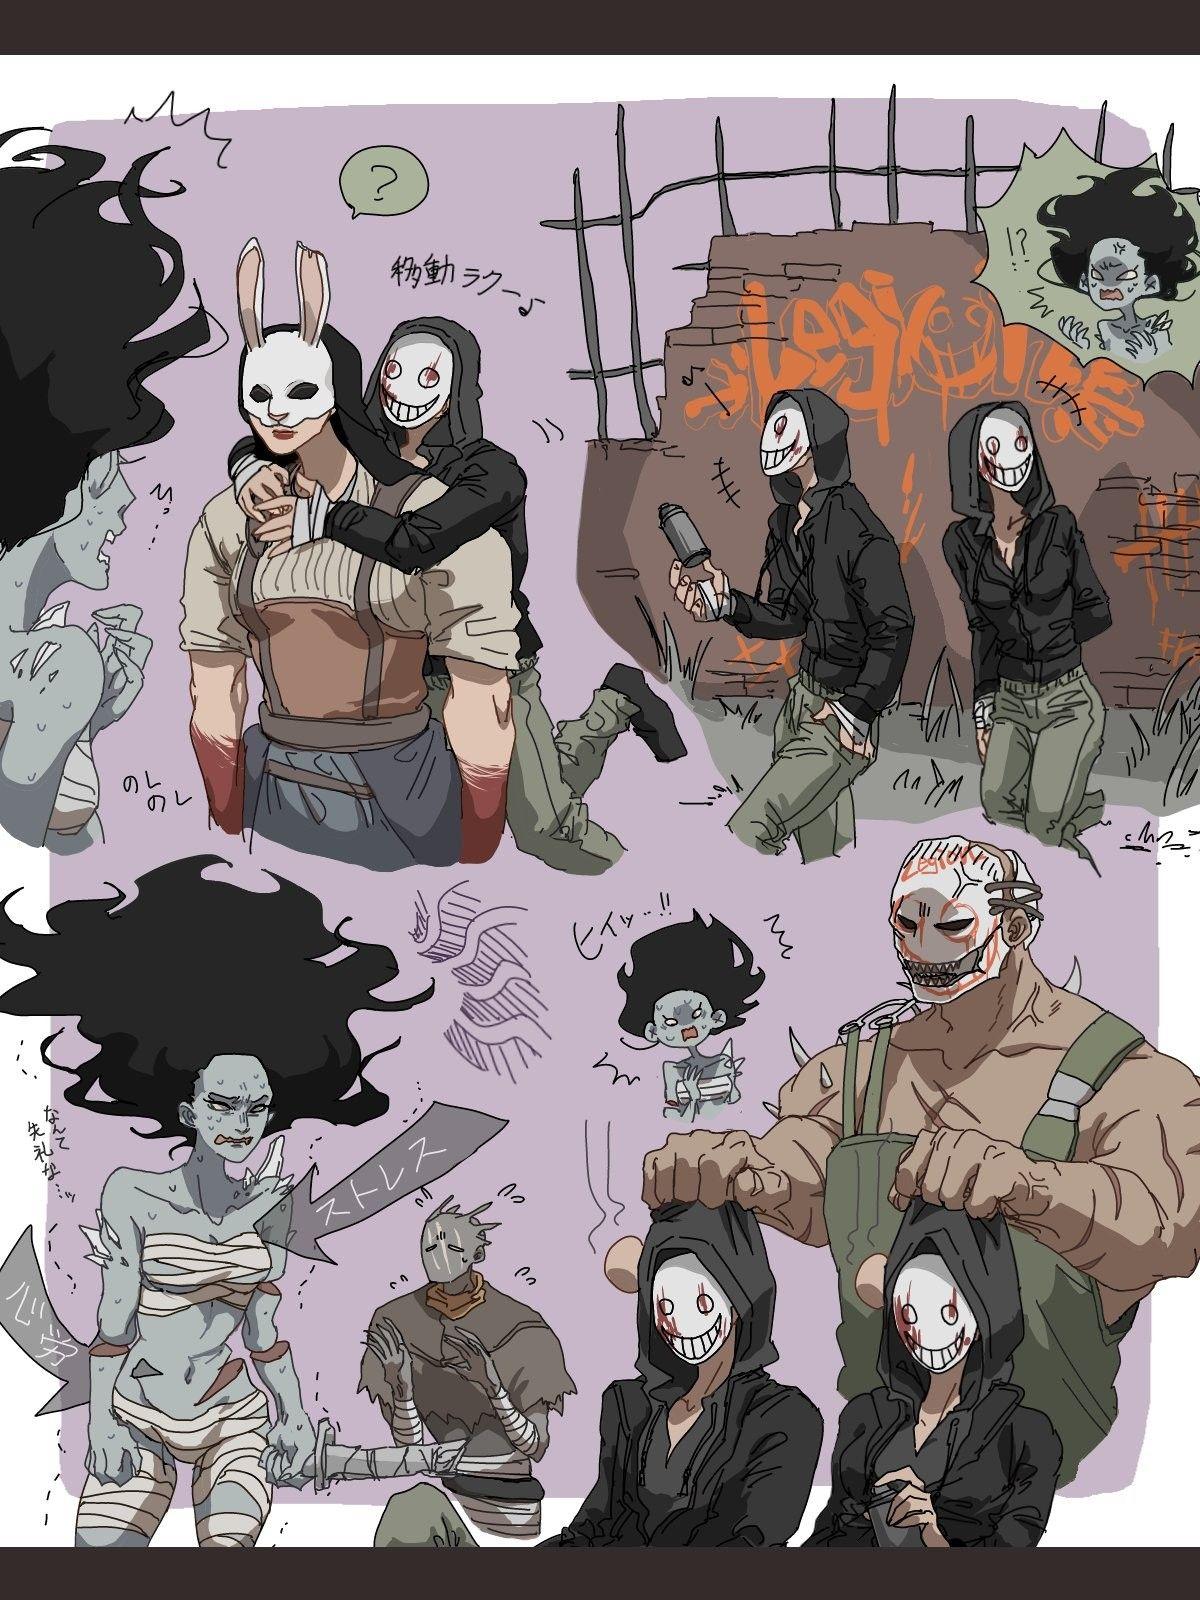 ラベル on Anime, Funny horror, Anime art